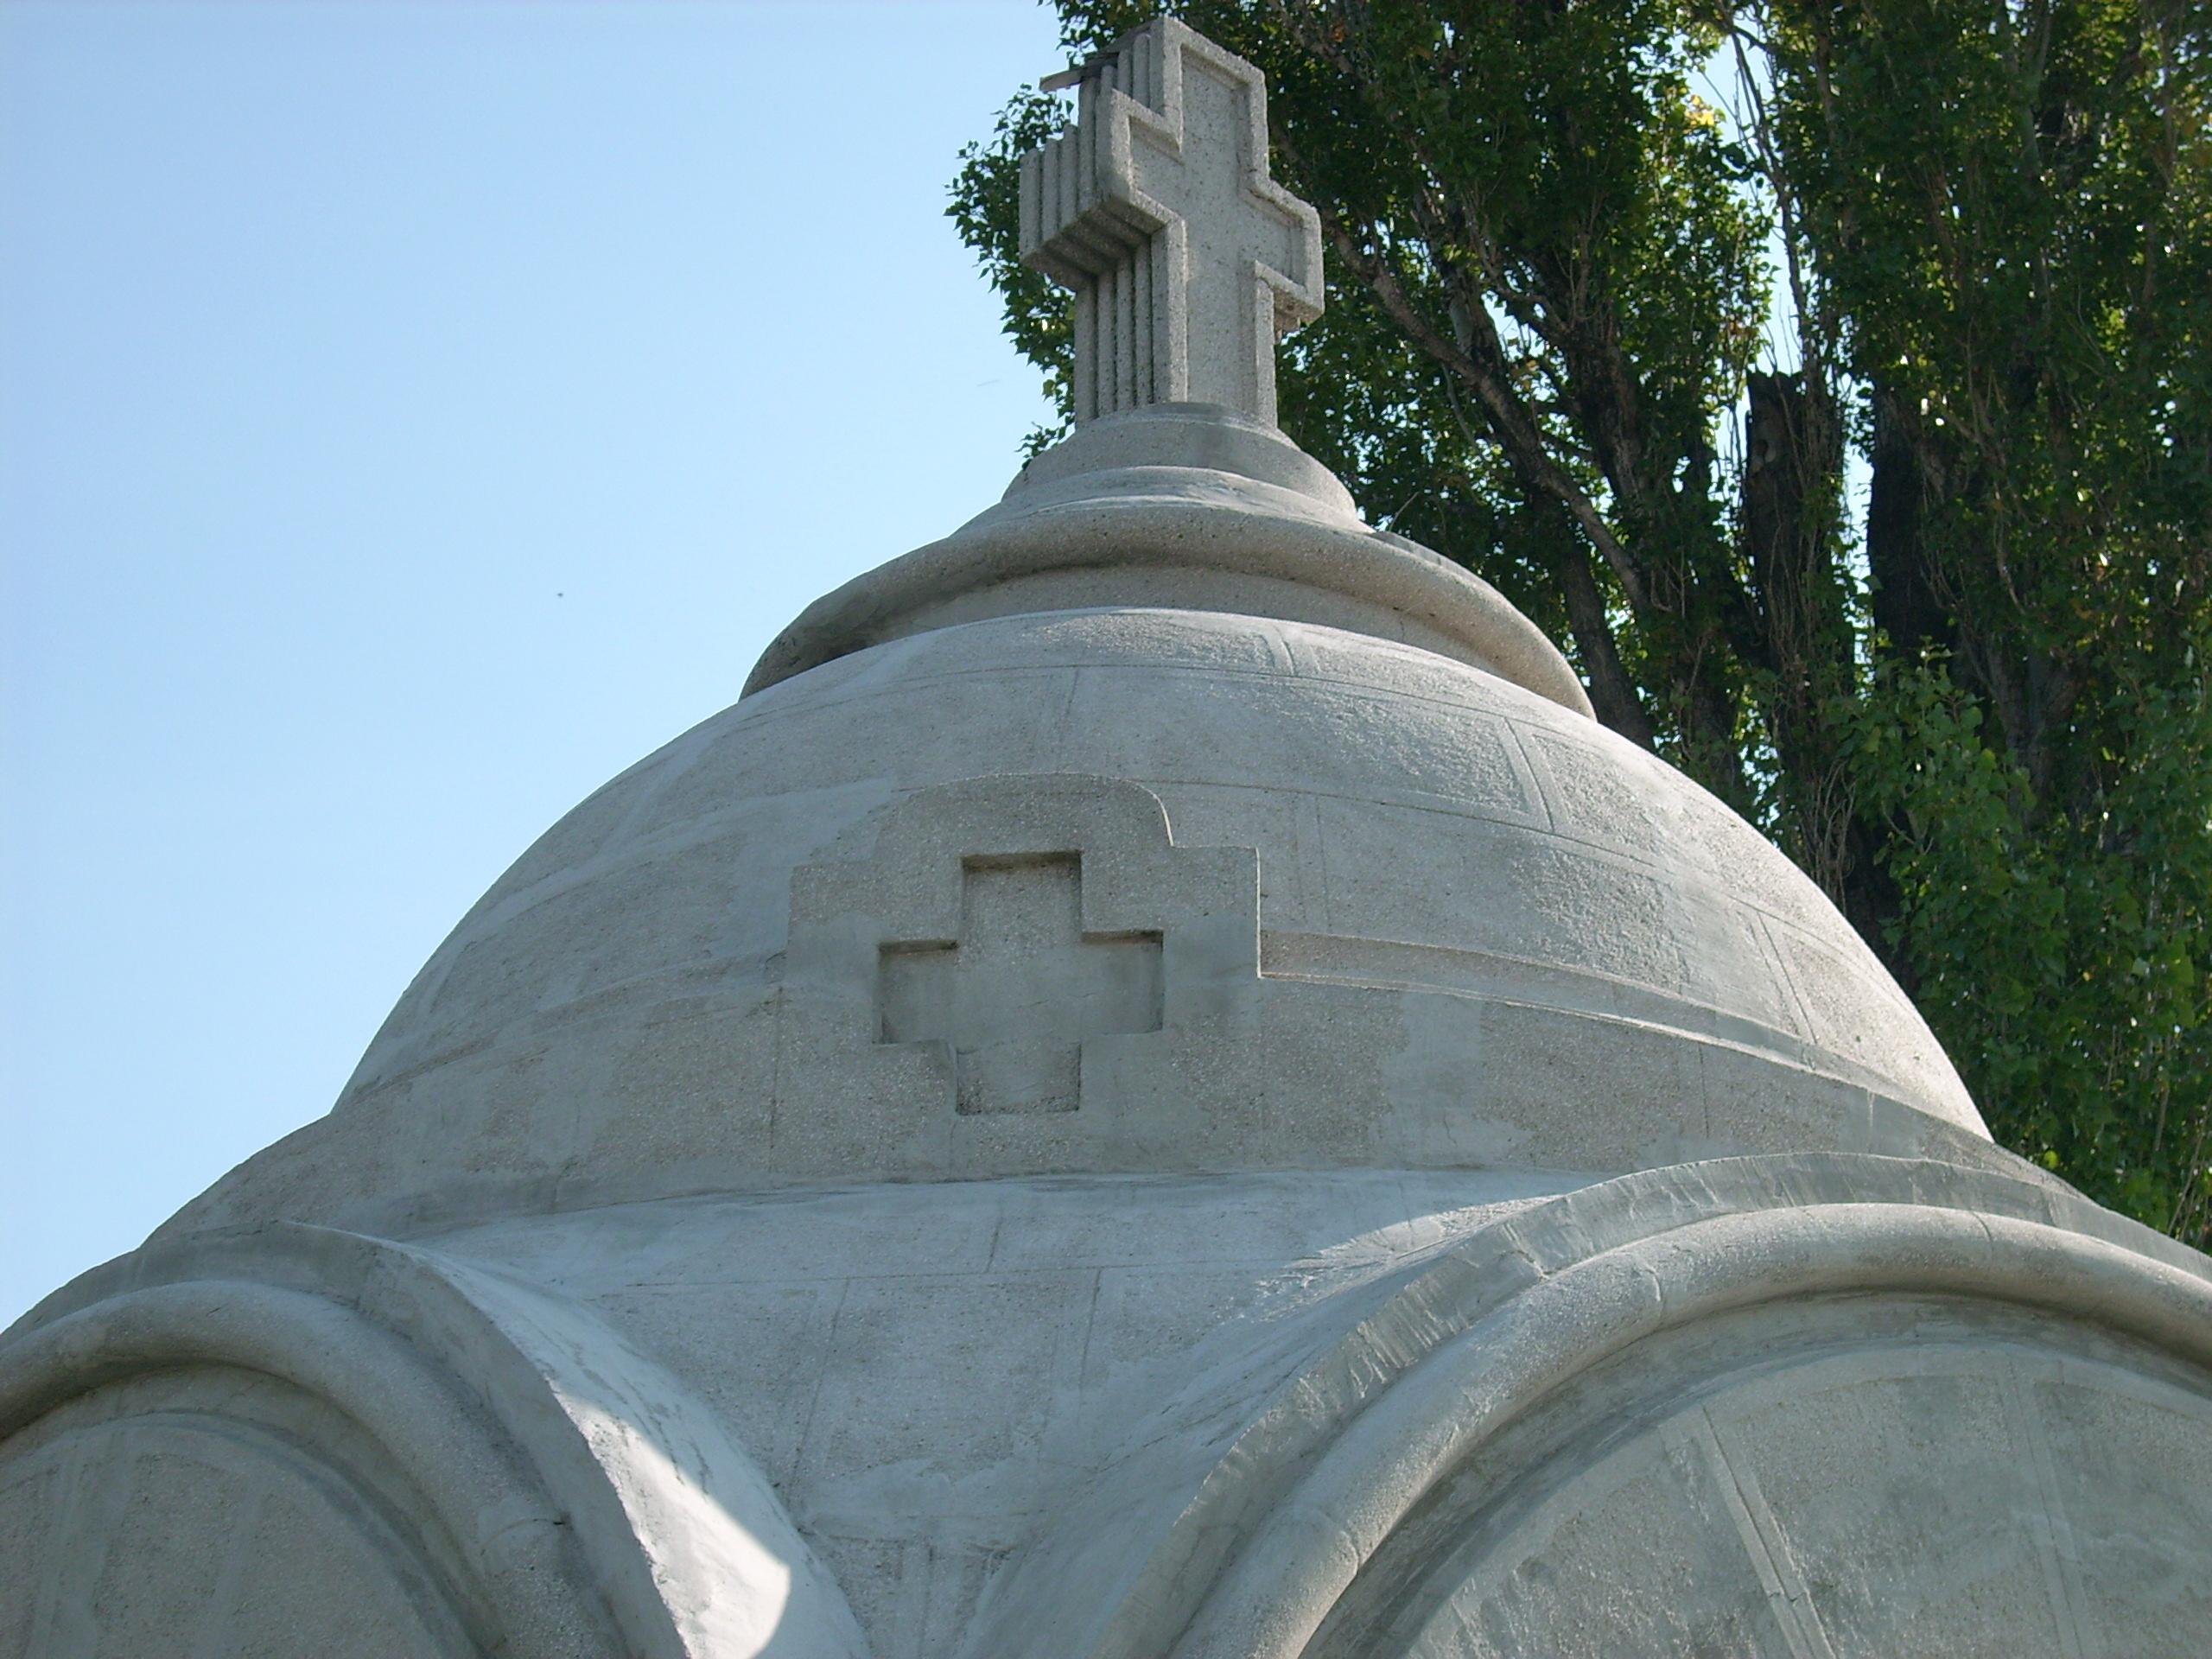 Aplicarea tratamentelor de impermeabilizare - Monument funerar UNICO PROFIT - Poza 8